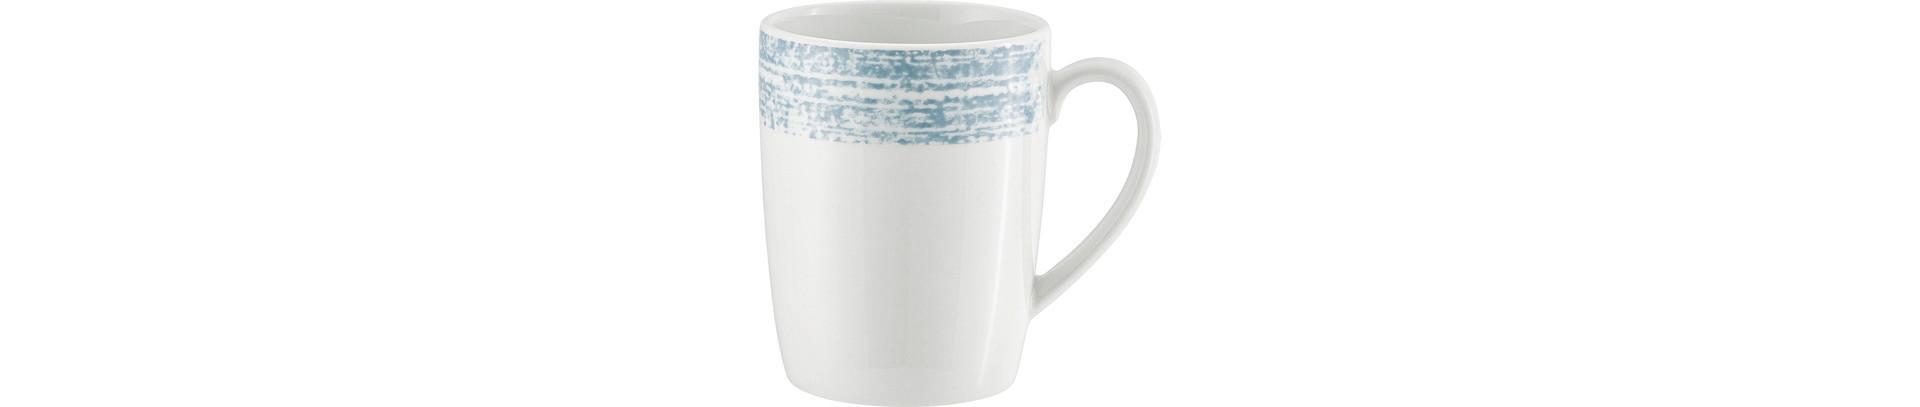 Shabby Chic, Kaffeebecher ø 79 mm / 0,30 l Dekor 3